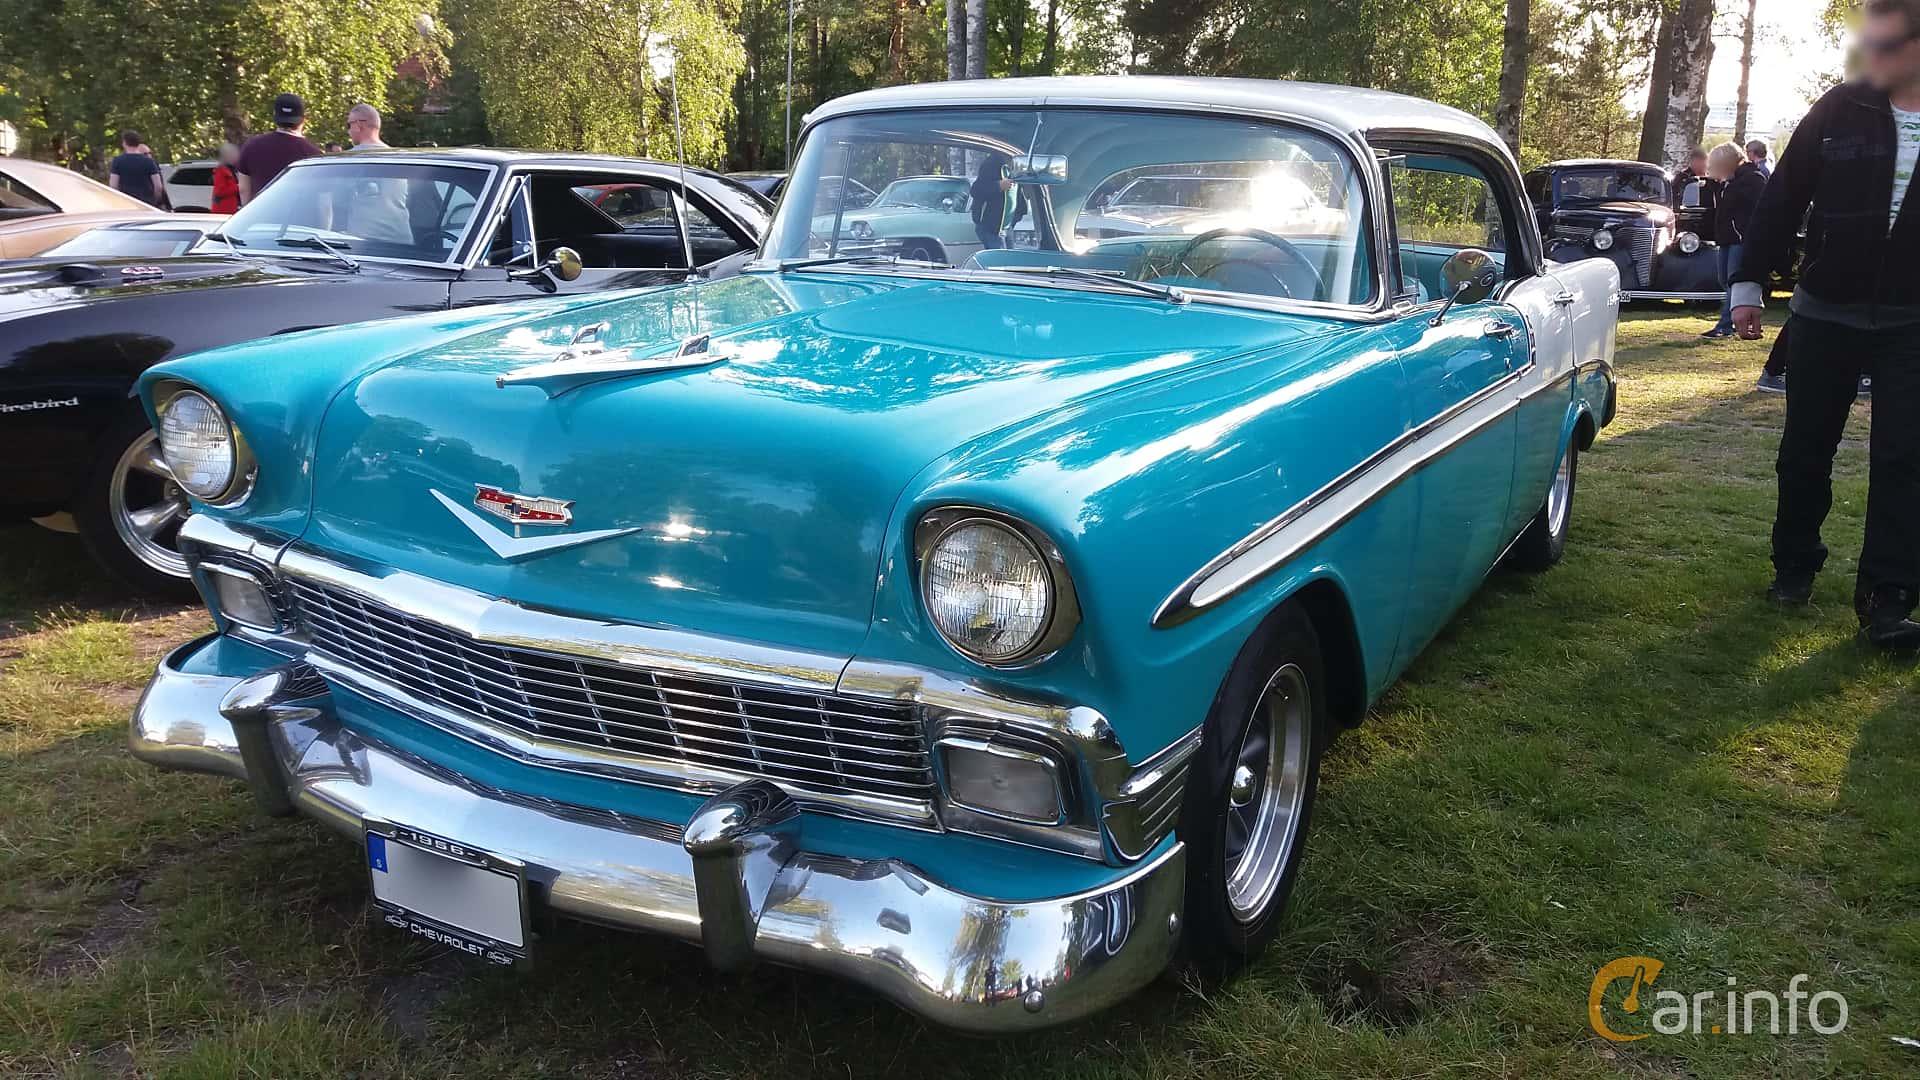 Front/Side  of Chevrolet Bel Air Sport Sedan 4.3 V8 Manual, 165ps, 1956 at Onsdagsträffar på Gammlia Umeå 2019 vecka 28